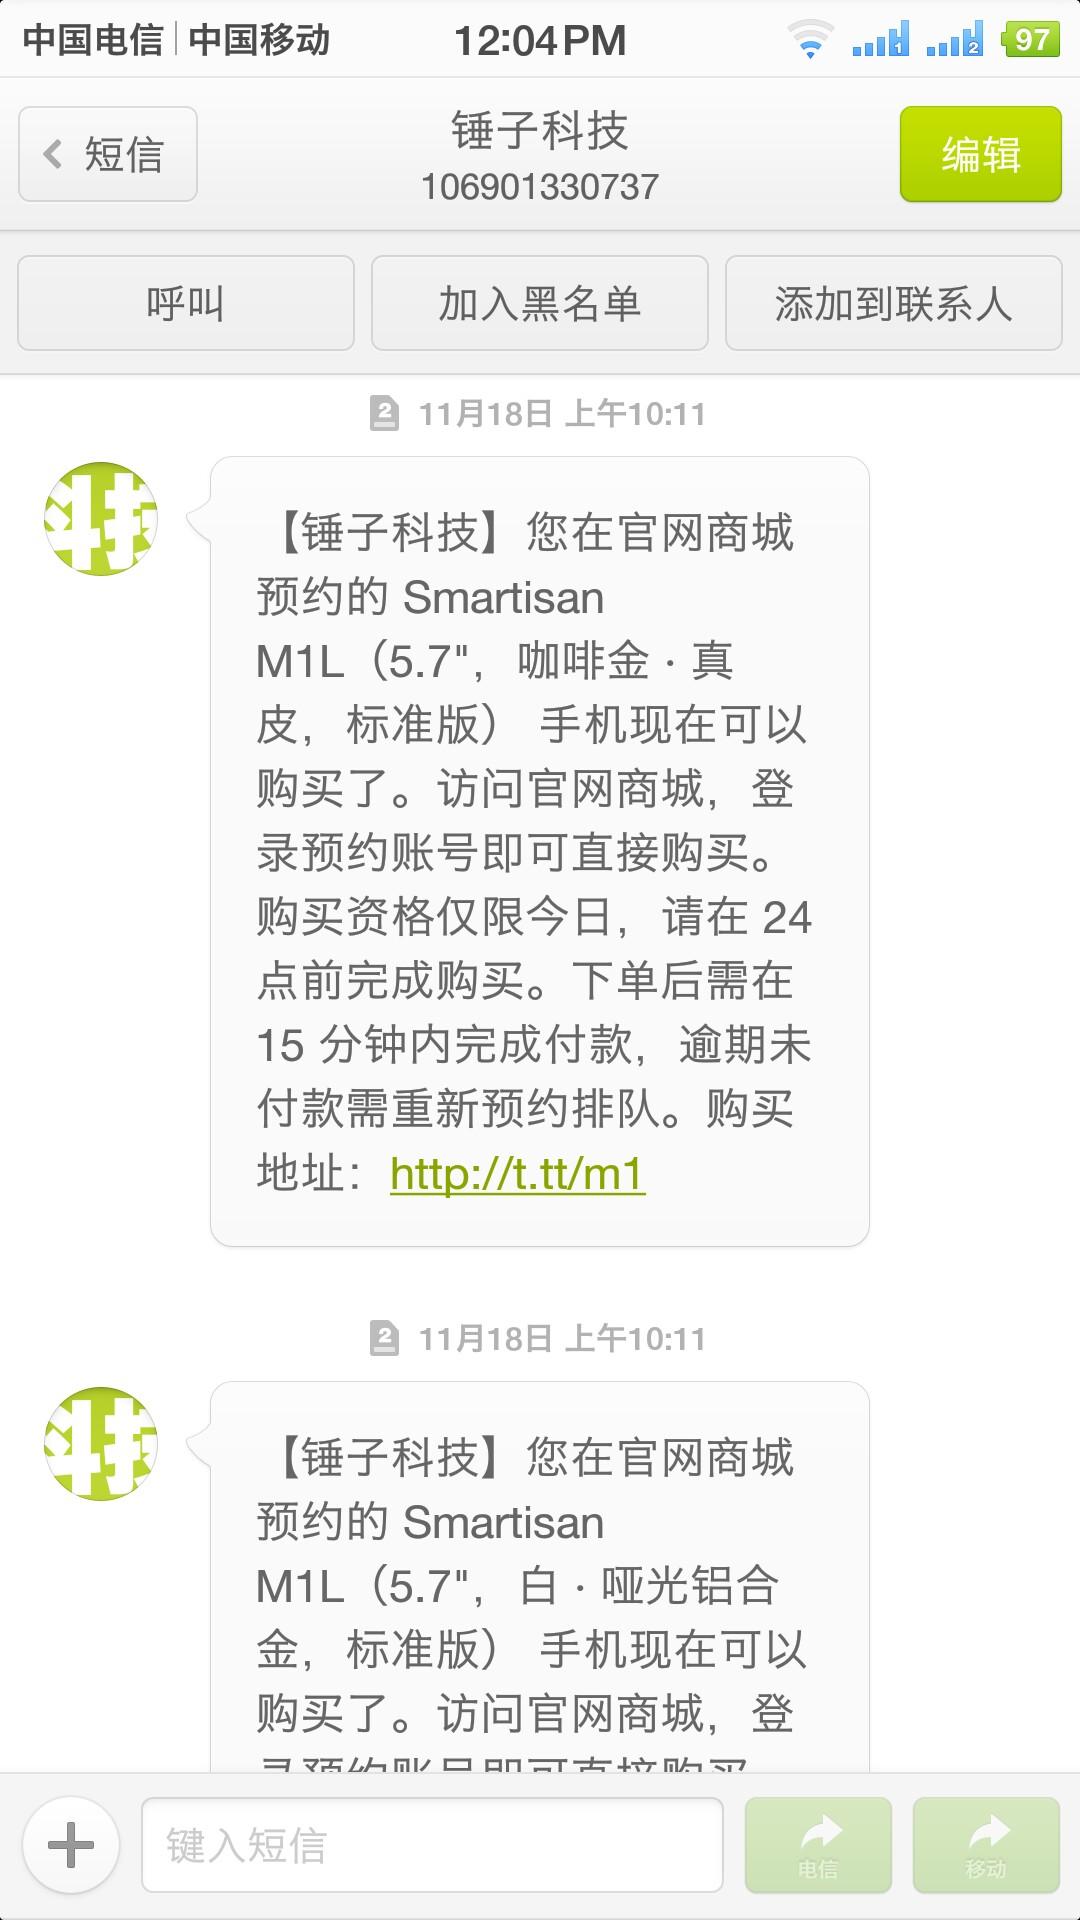 Screenshot_2016-11-18-12-04-48-610_??_compress.png